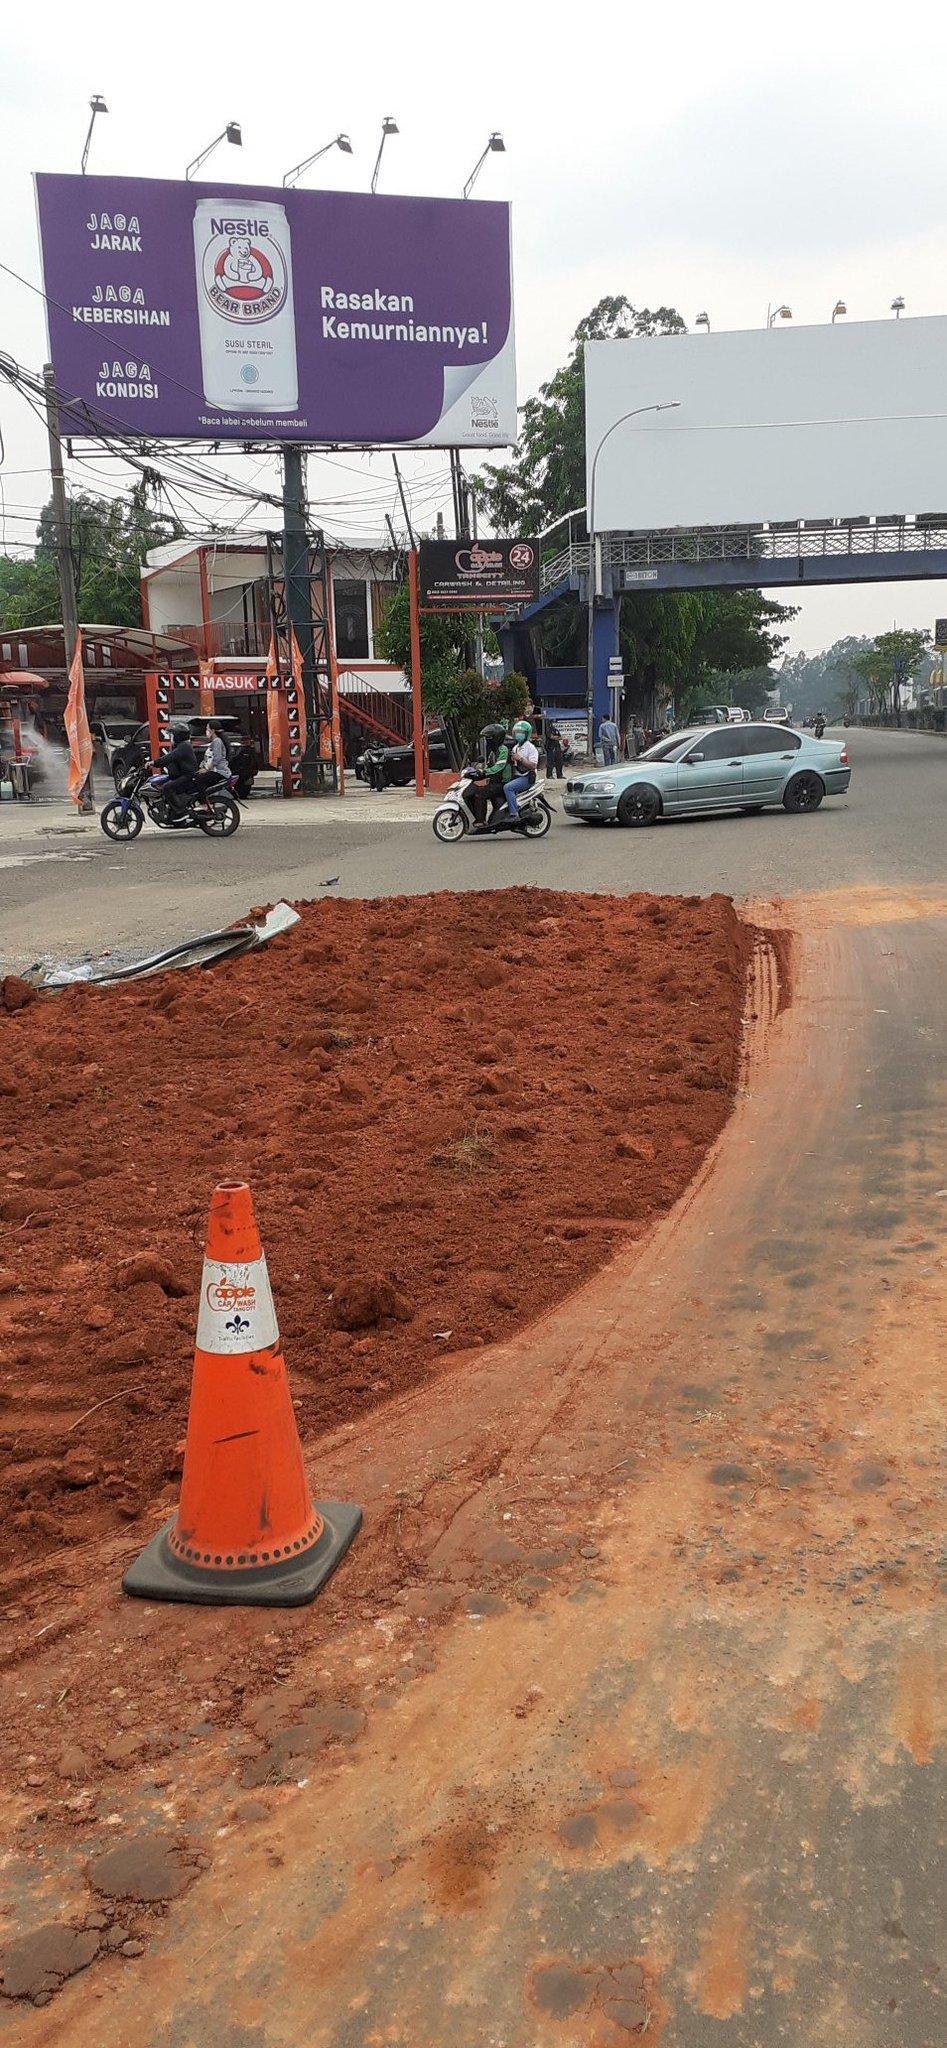 Lalin macet di Cikokol ada tanah tumpah diseberang Auto 2000.  (@firman_gathi)